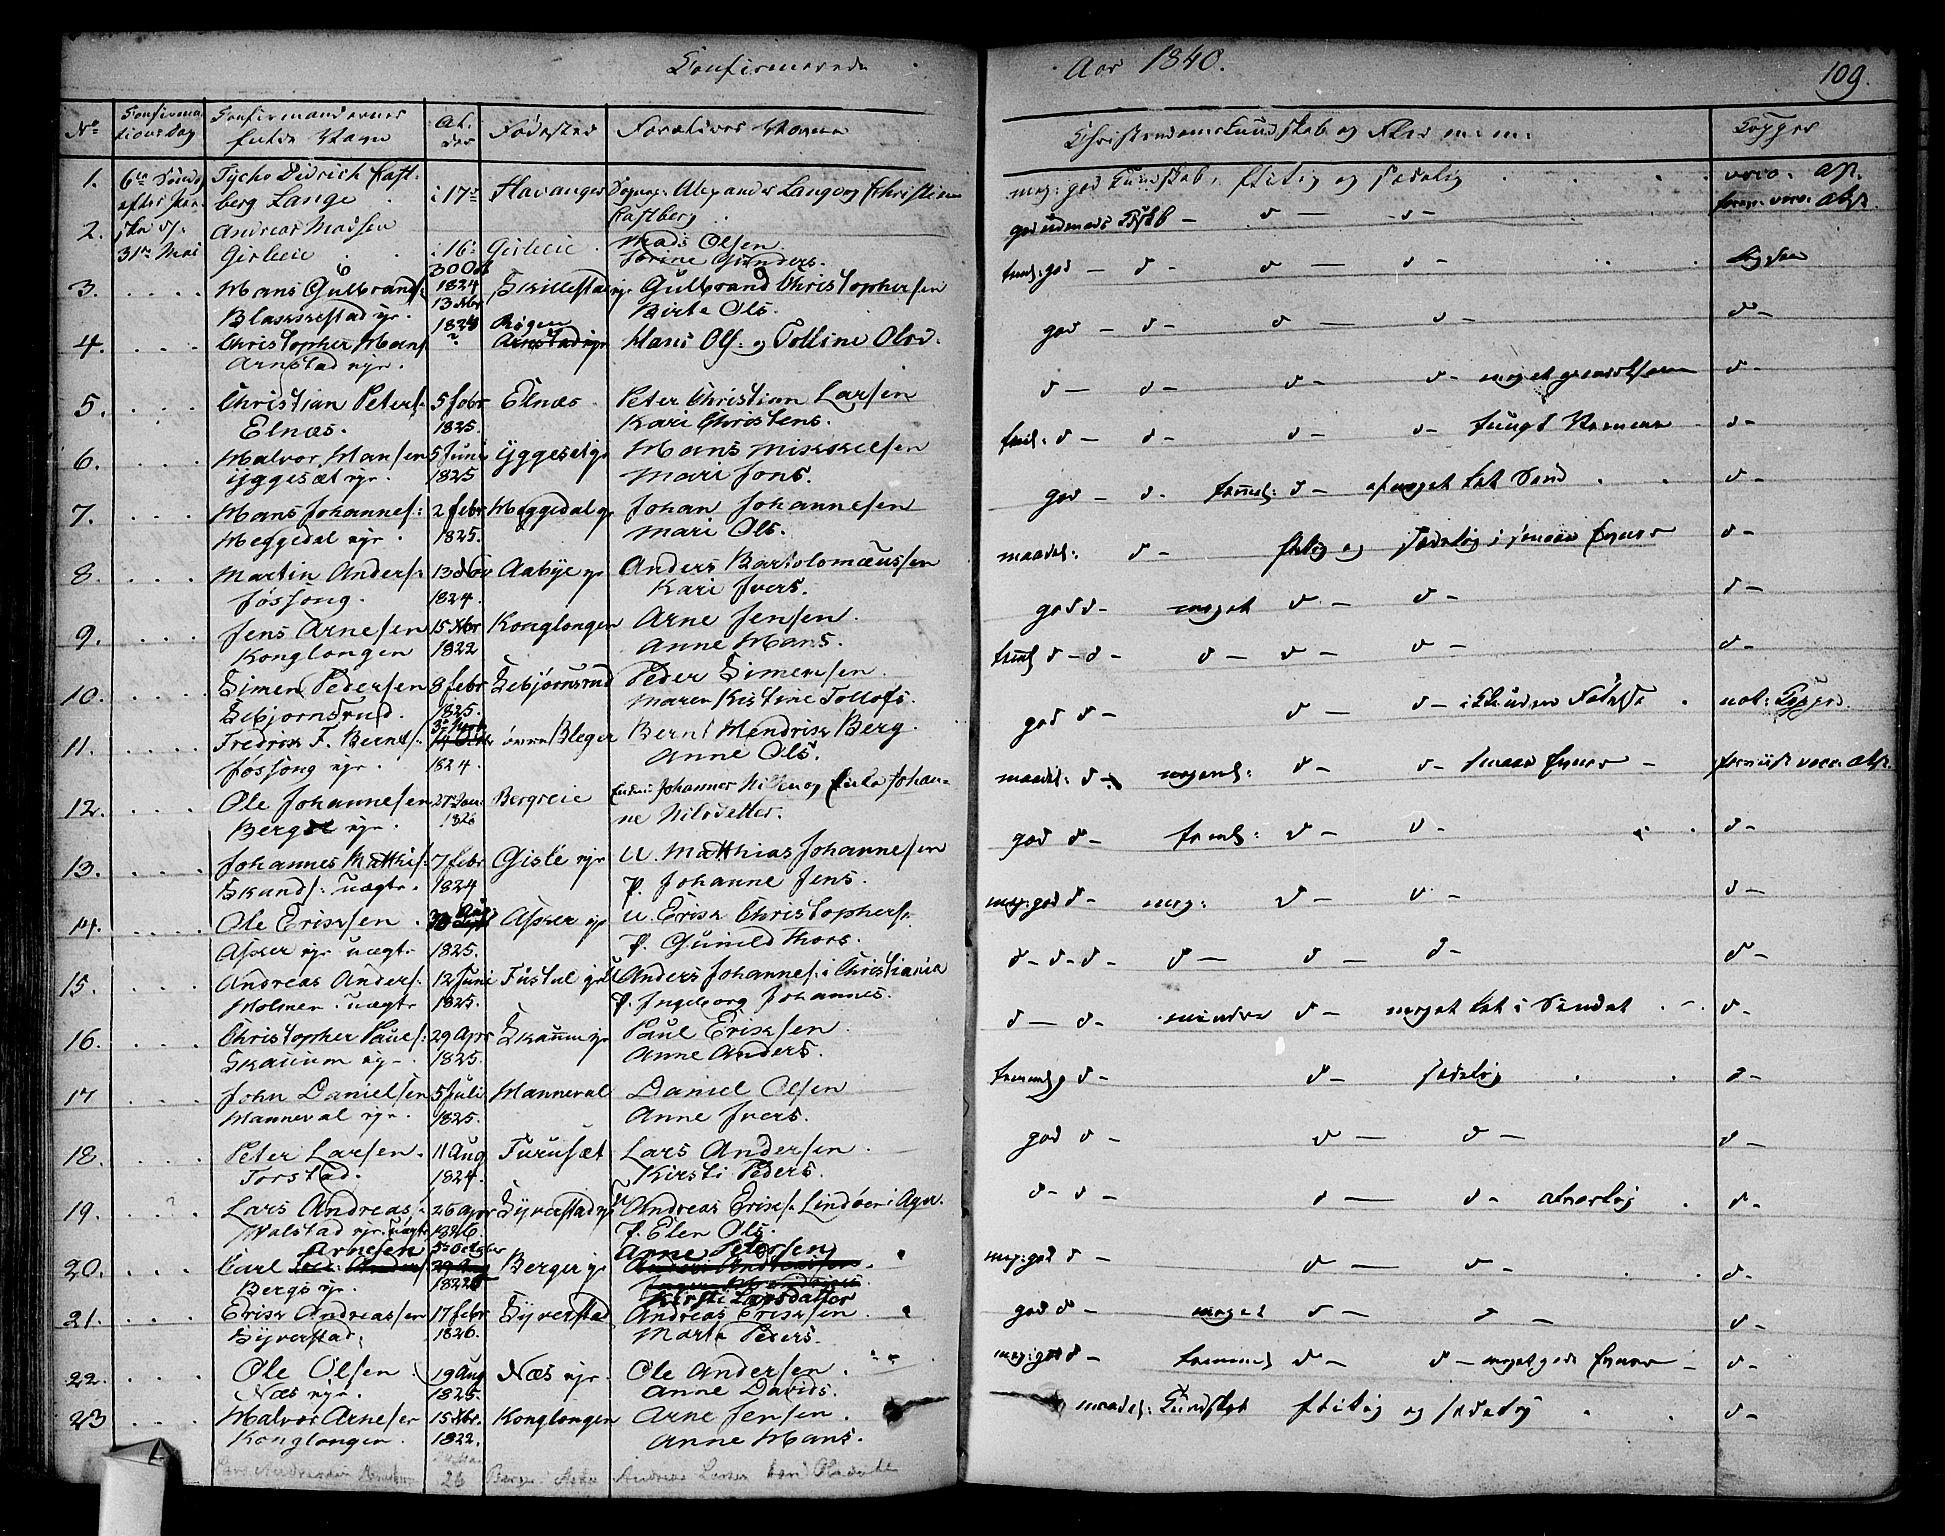 SAO, Asker prestekontor Kirkebøker, F/Fa/L0009: Ministerialbok nr. I 9, 1825-1878, s. 109